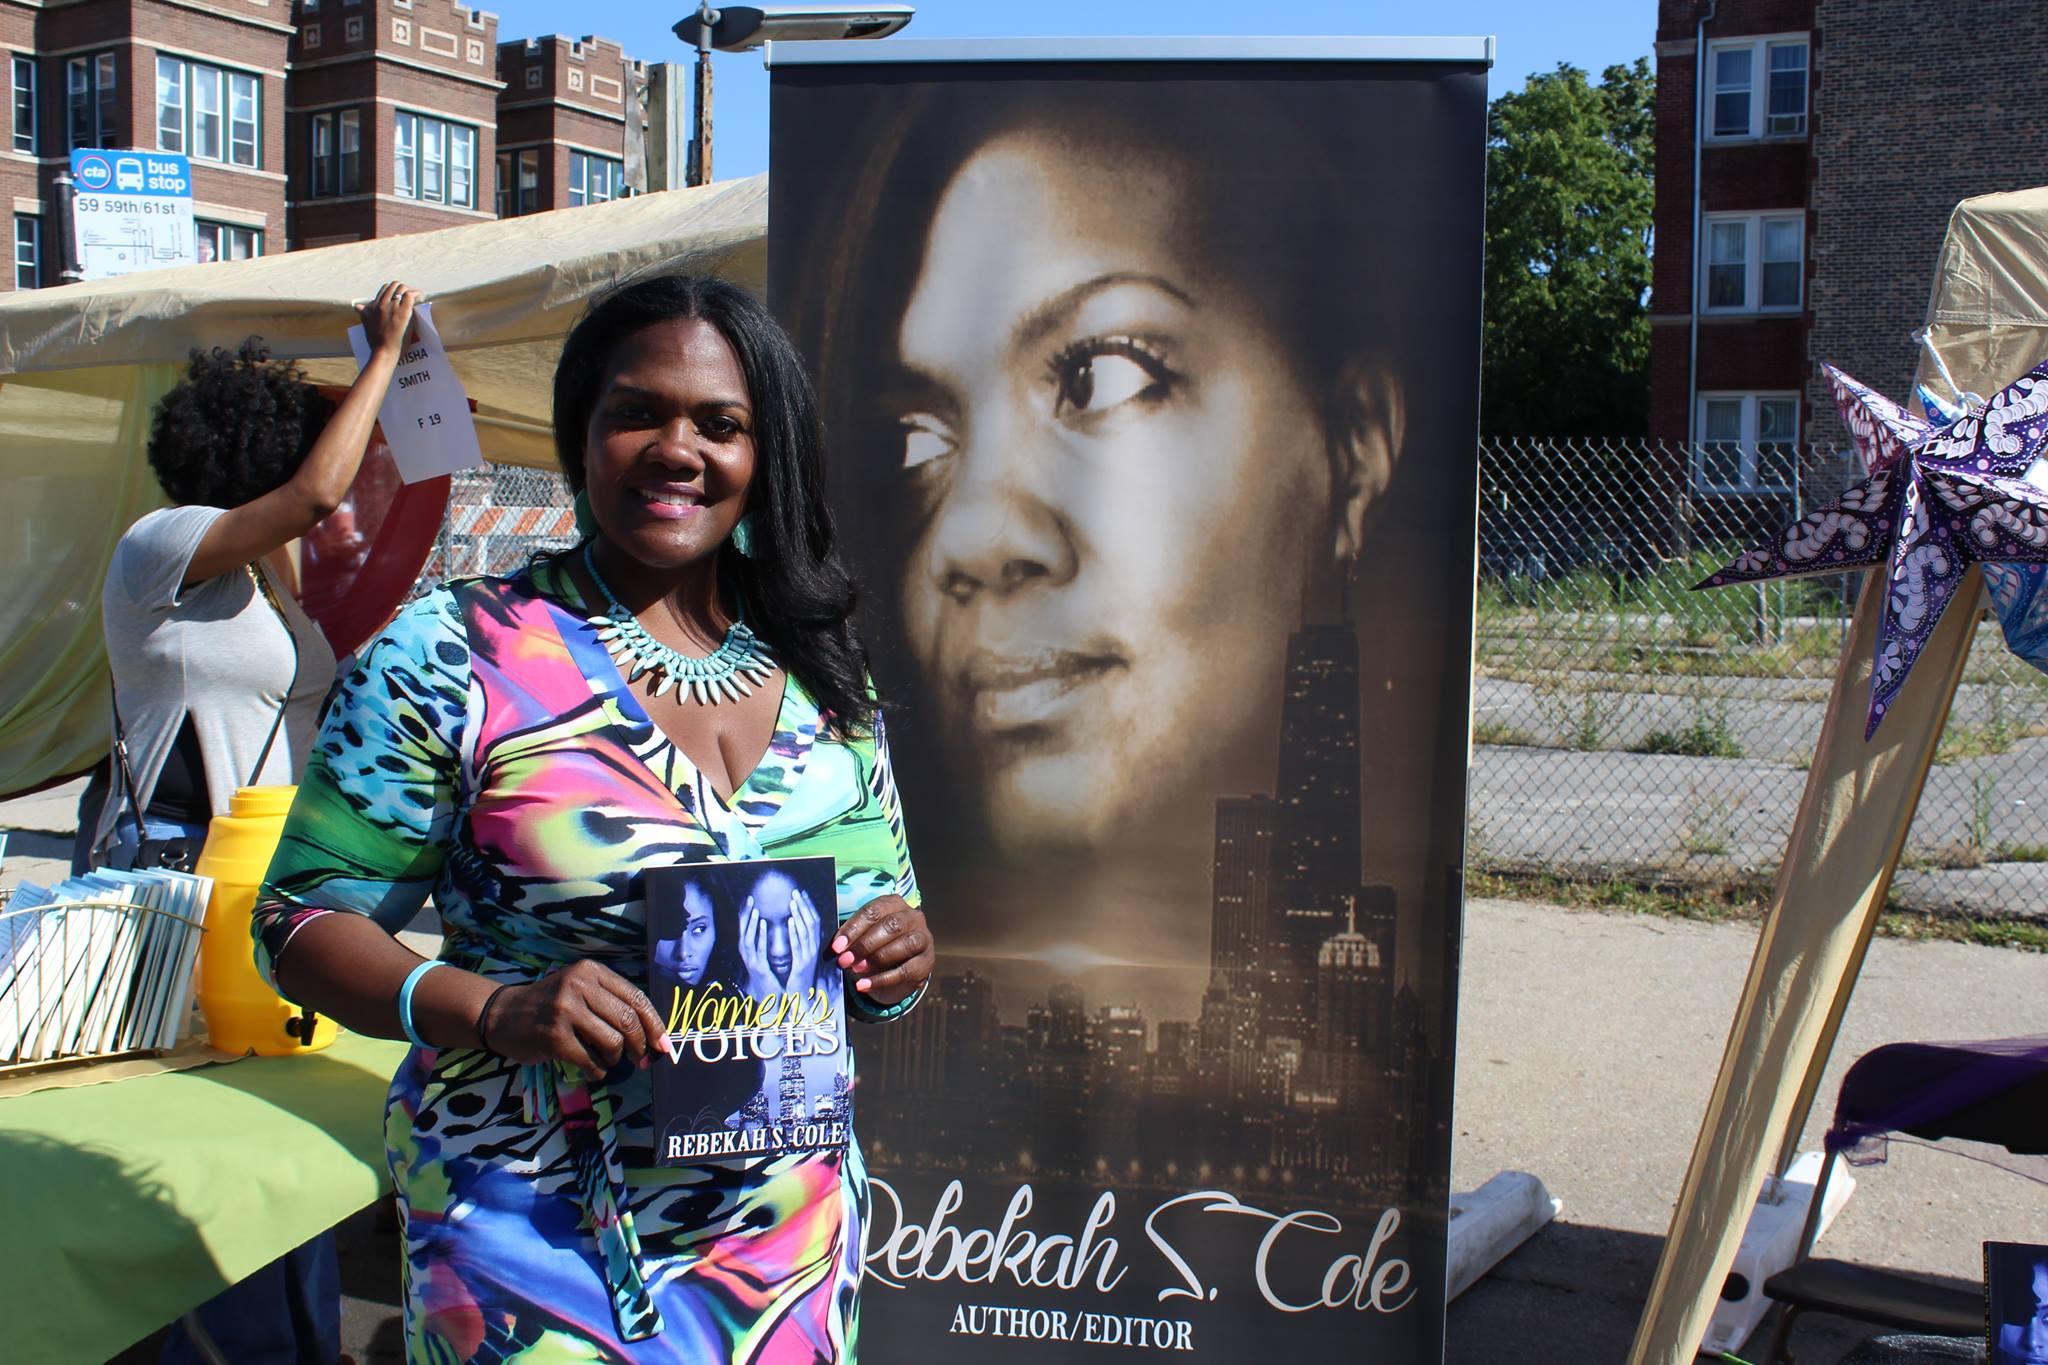 Rebekah Cole